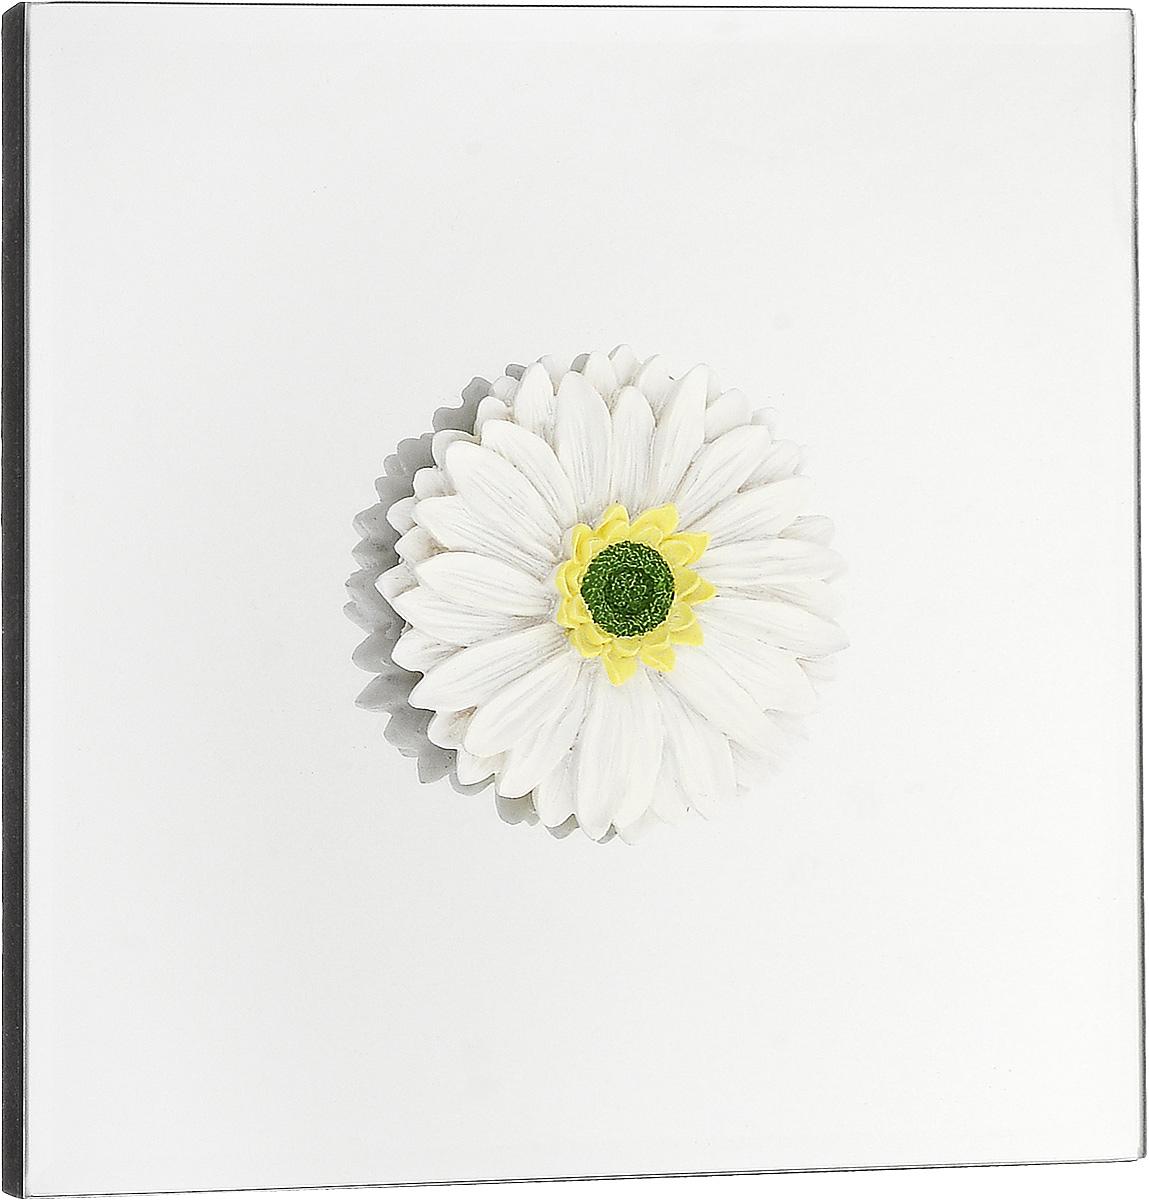 Украшение декоративное Феникс-Презент Гербера, настенное, 24 x 24 x 3 см43415Настенное украшение Феникс-Презент Гербера изготовлено из основы МДФ и зеркального стекла, декоративный элемент выполнен из полирезина в виде цветка. Для удобства размещения изделие оснащено металлической петелькой для подвешивания. Такое украшение не только подчеркнет ваш изысканный вкус, но и прекрасным подарком, который обязательно порадует получателя.